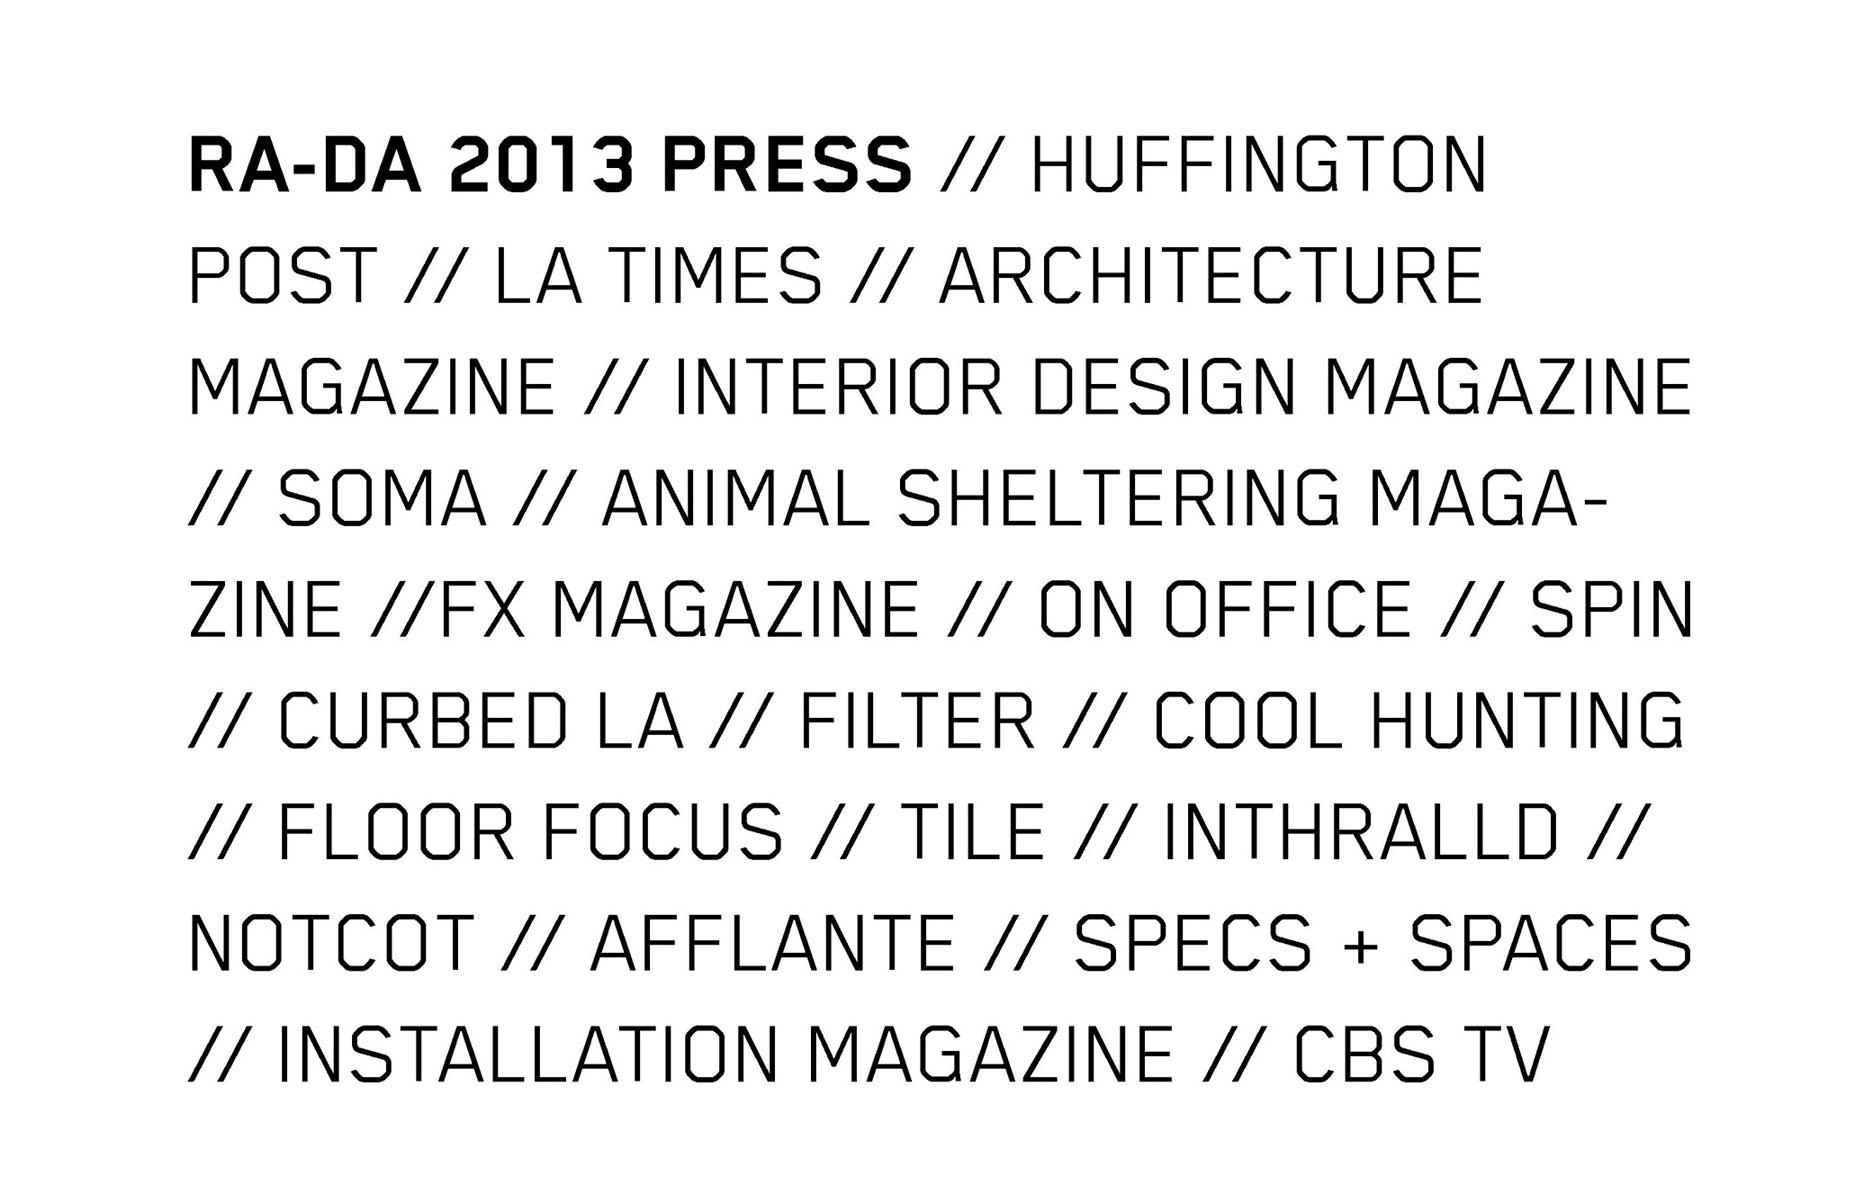 RA-DA PRESS